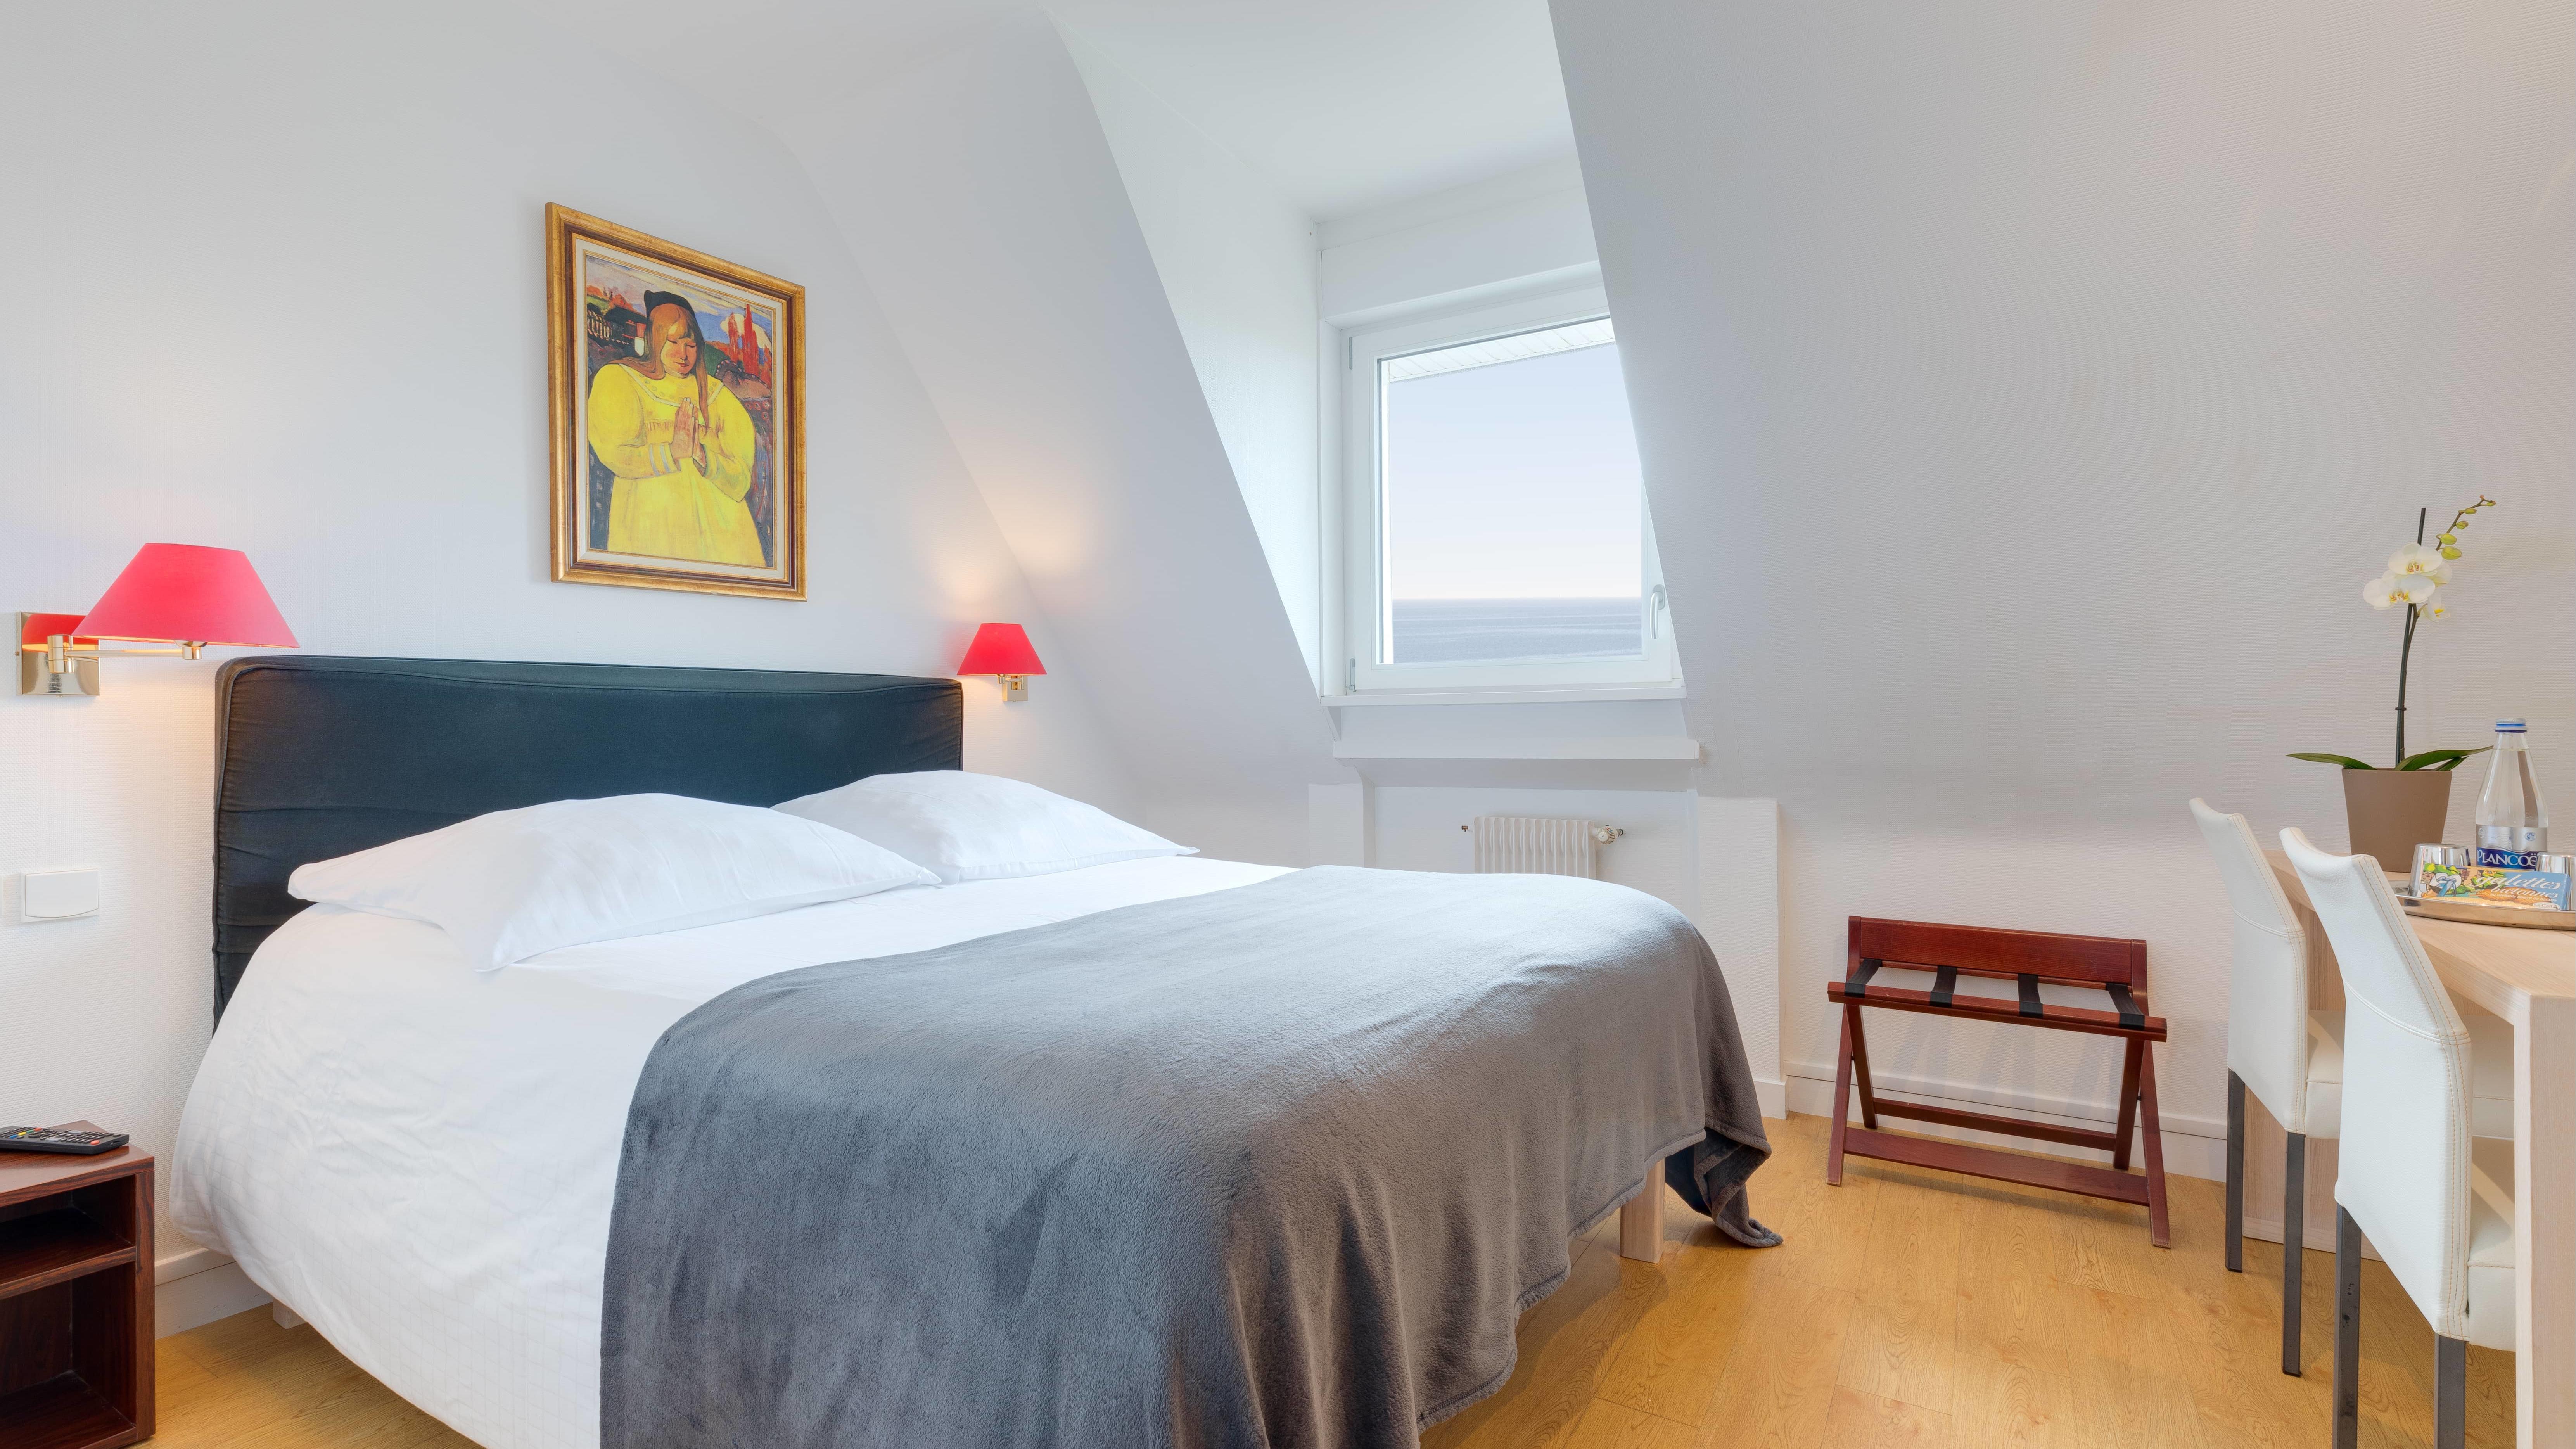 Sea View Room at Ar Men Du Hotel in Névez, Brittany